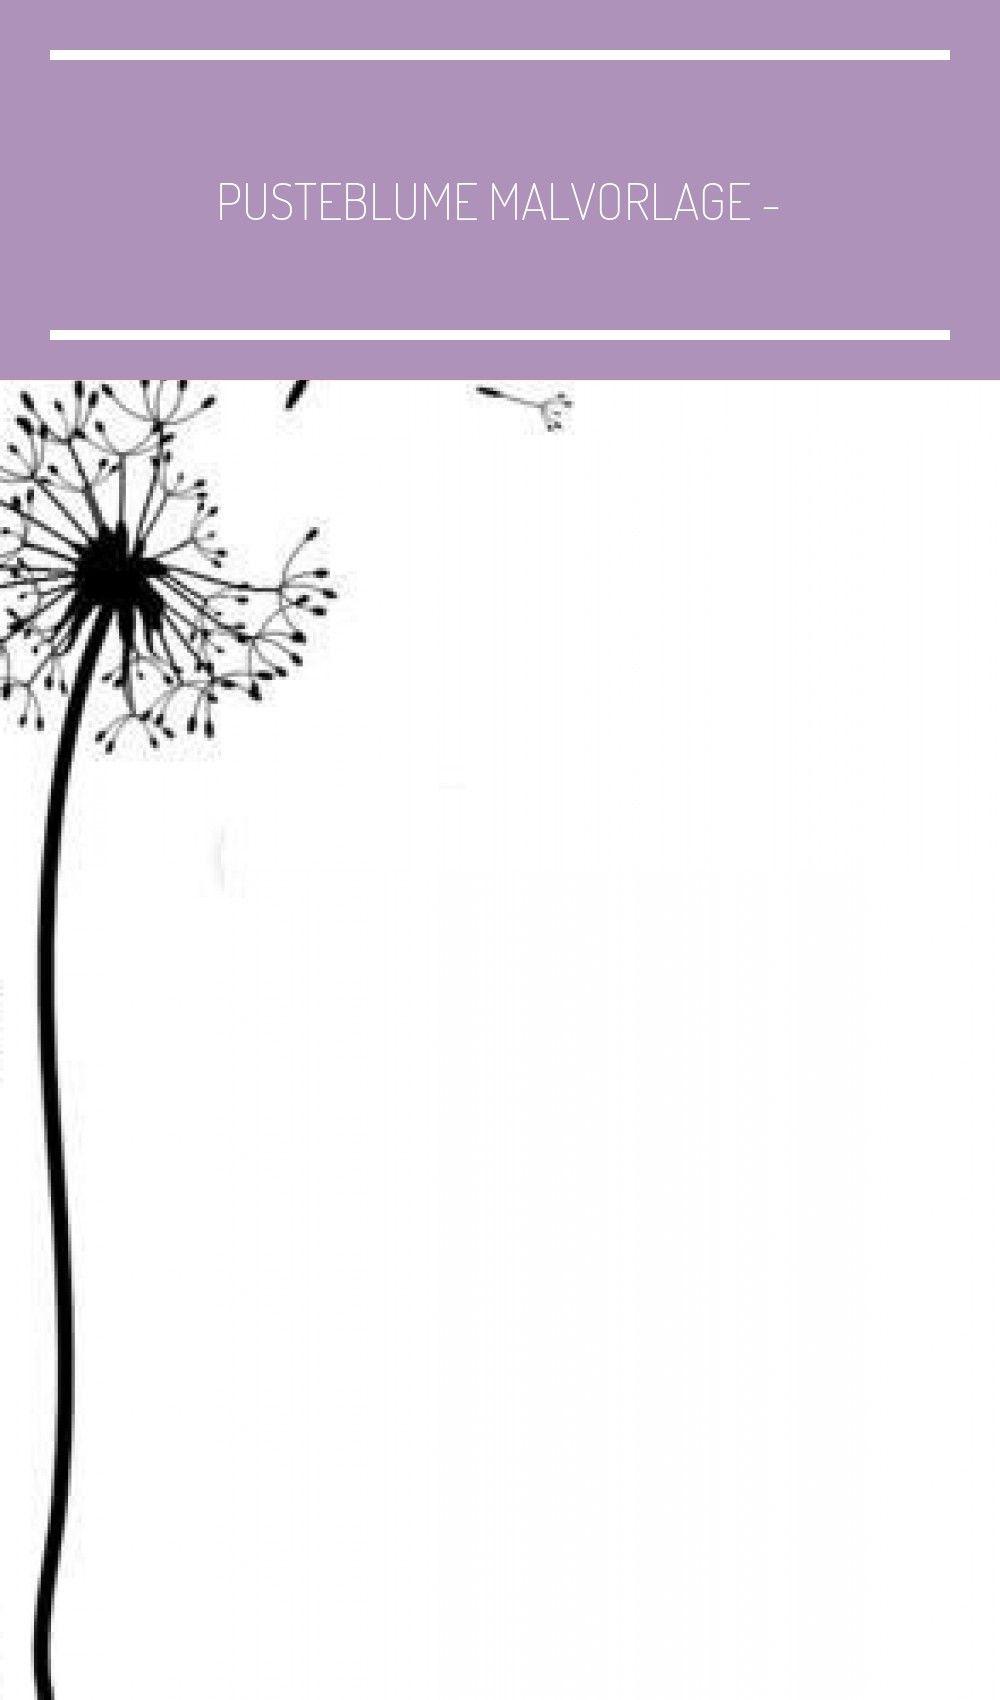 Pusteblume Malvorlage - kinderbilderdownload